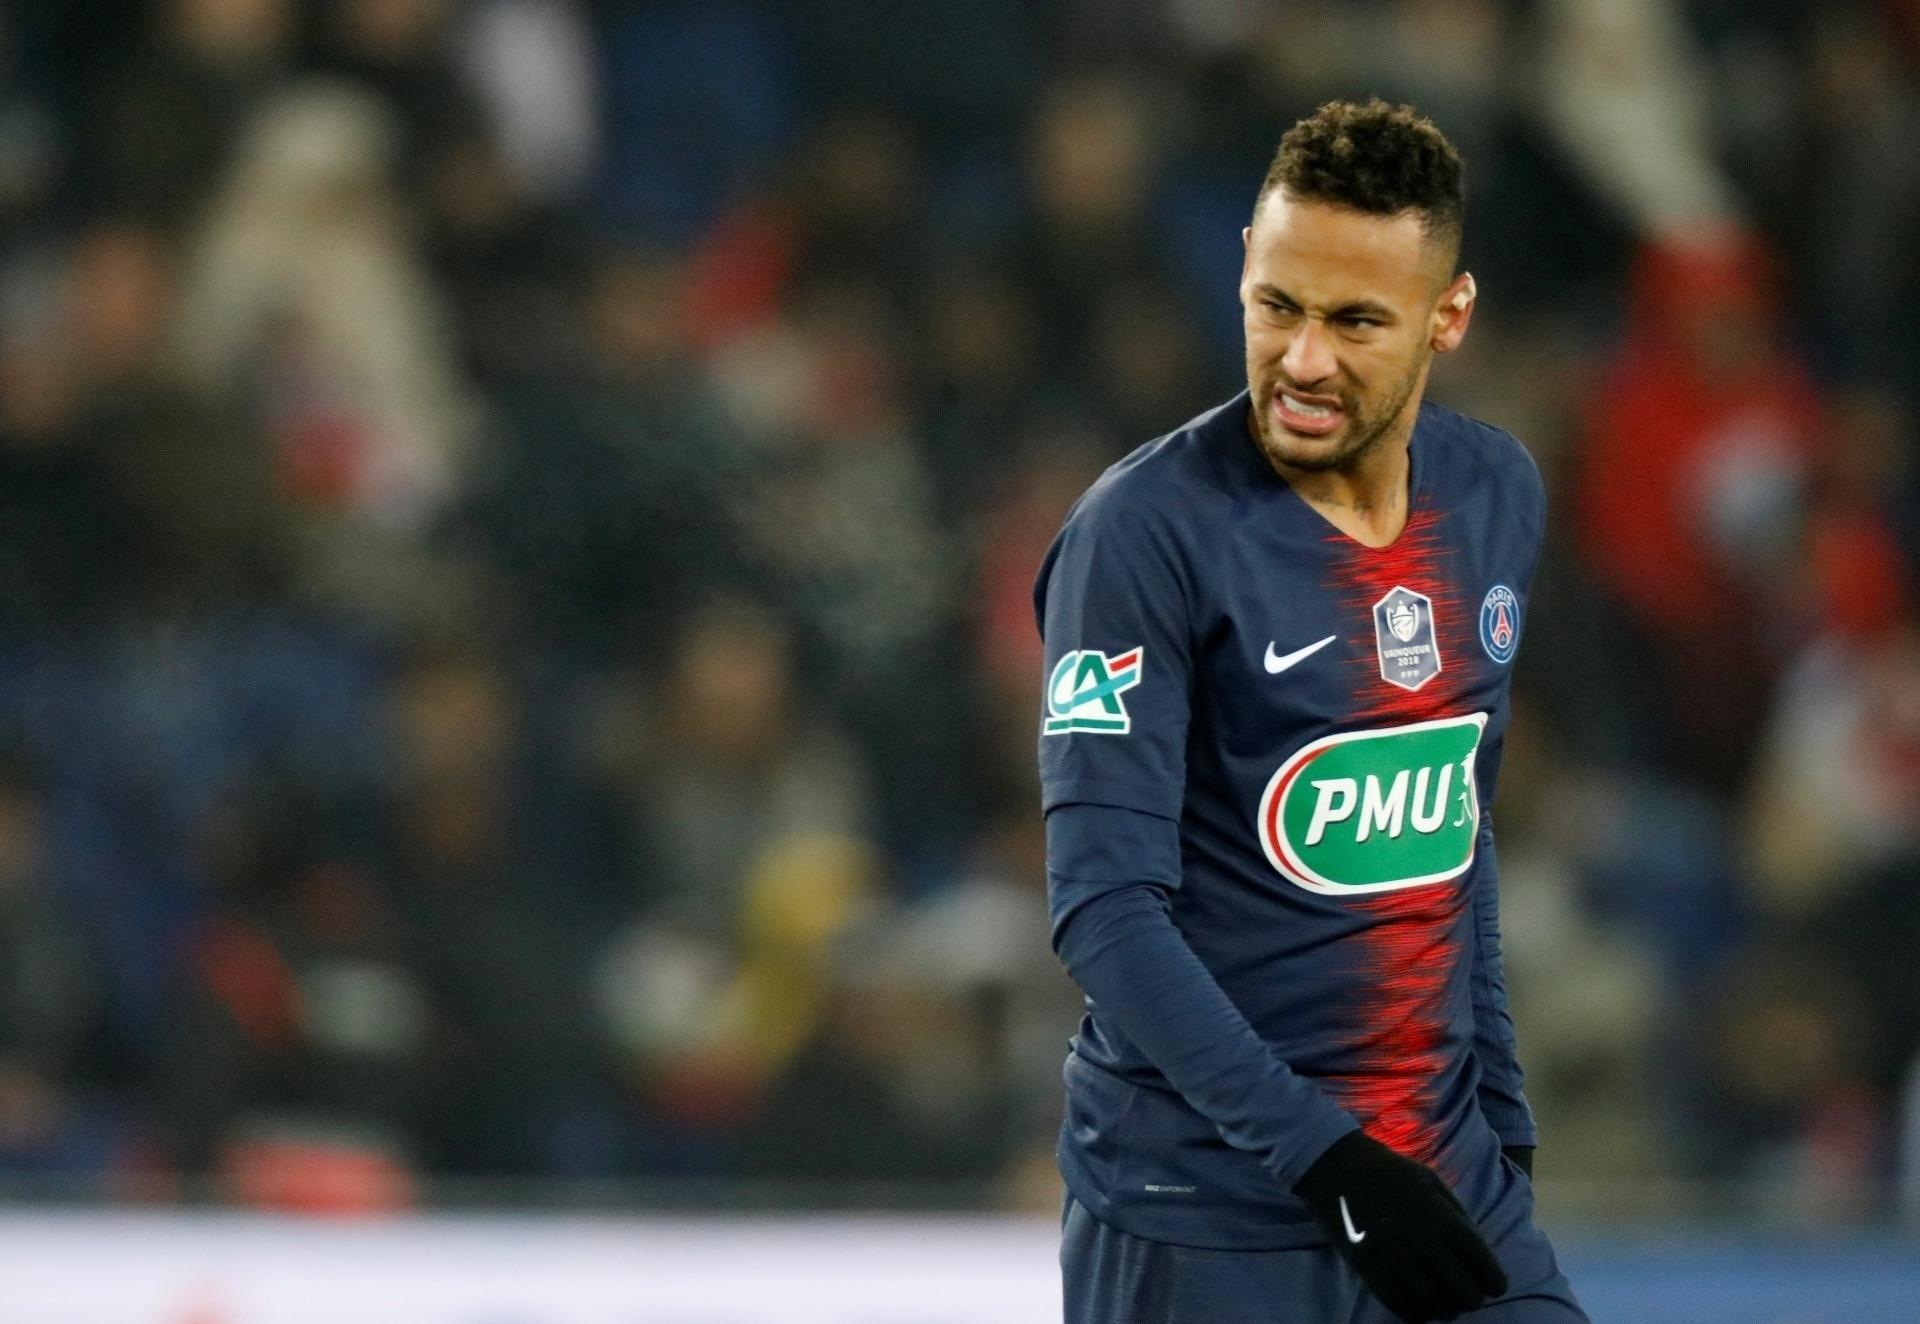 c81257c6d3b78 Neymar descarta Carnaval prolongado e promete a elenco ver PSG no estádio -  22 02 2019 - UOL Esporte